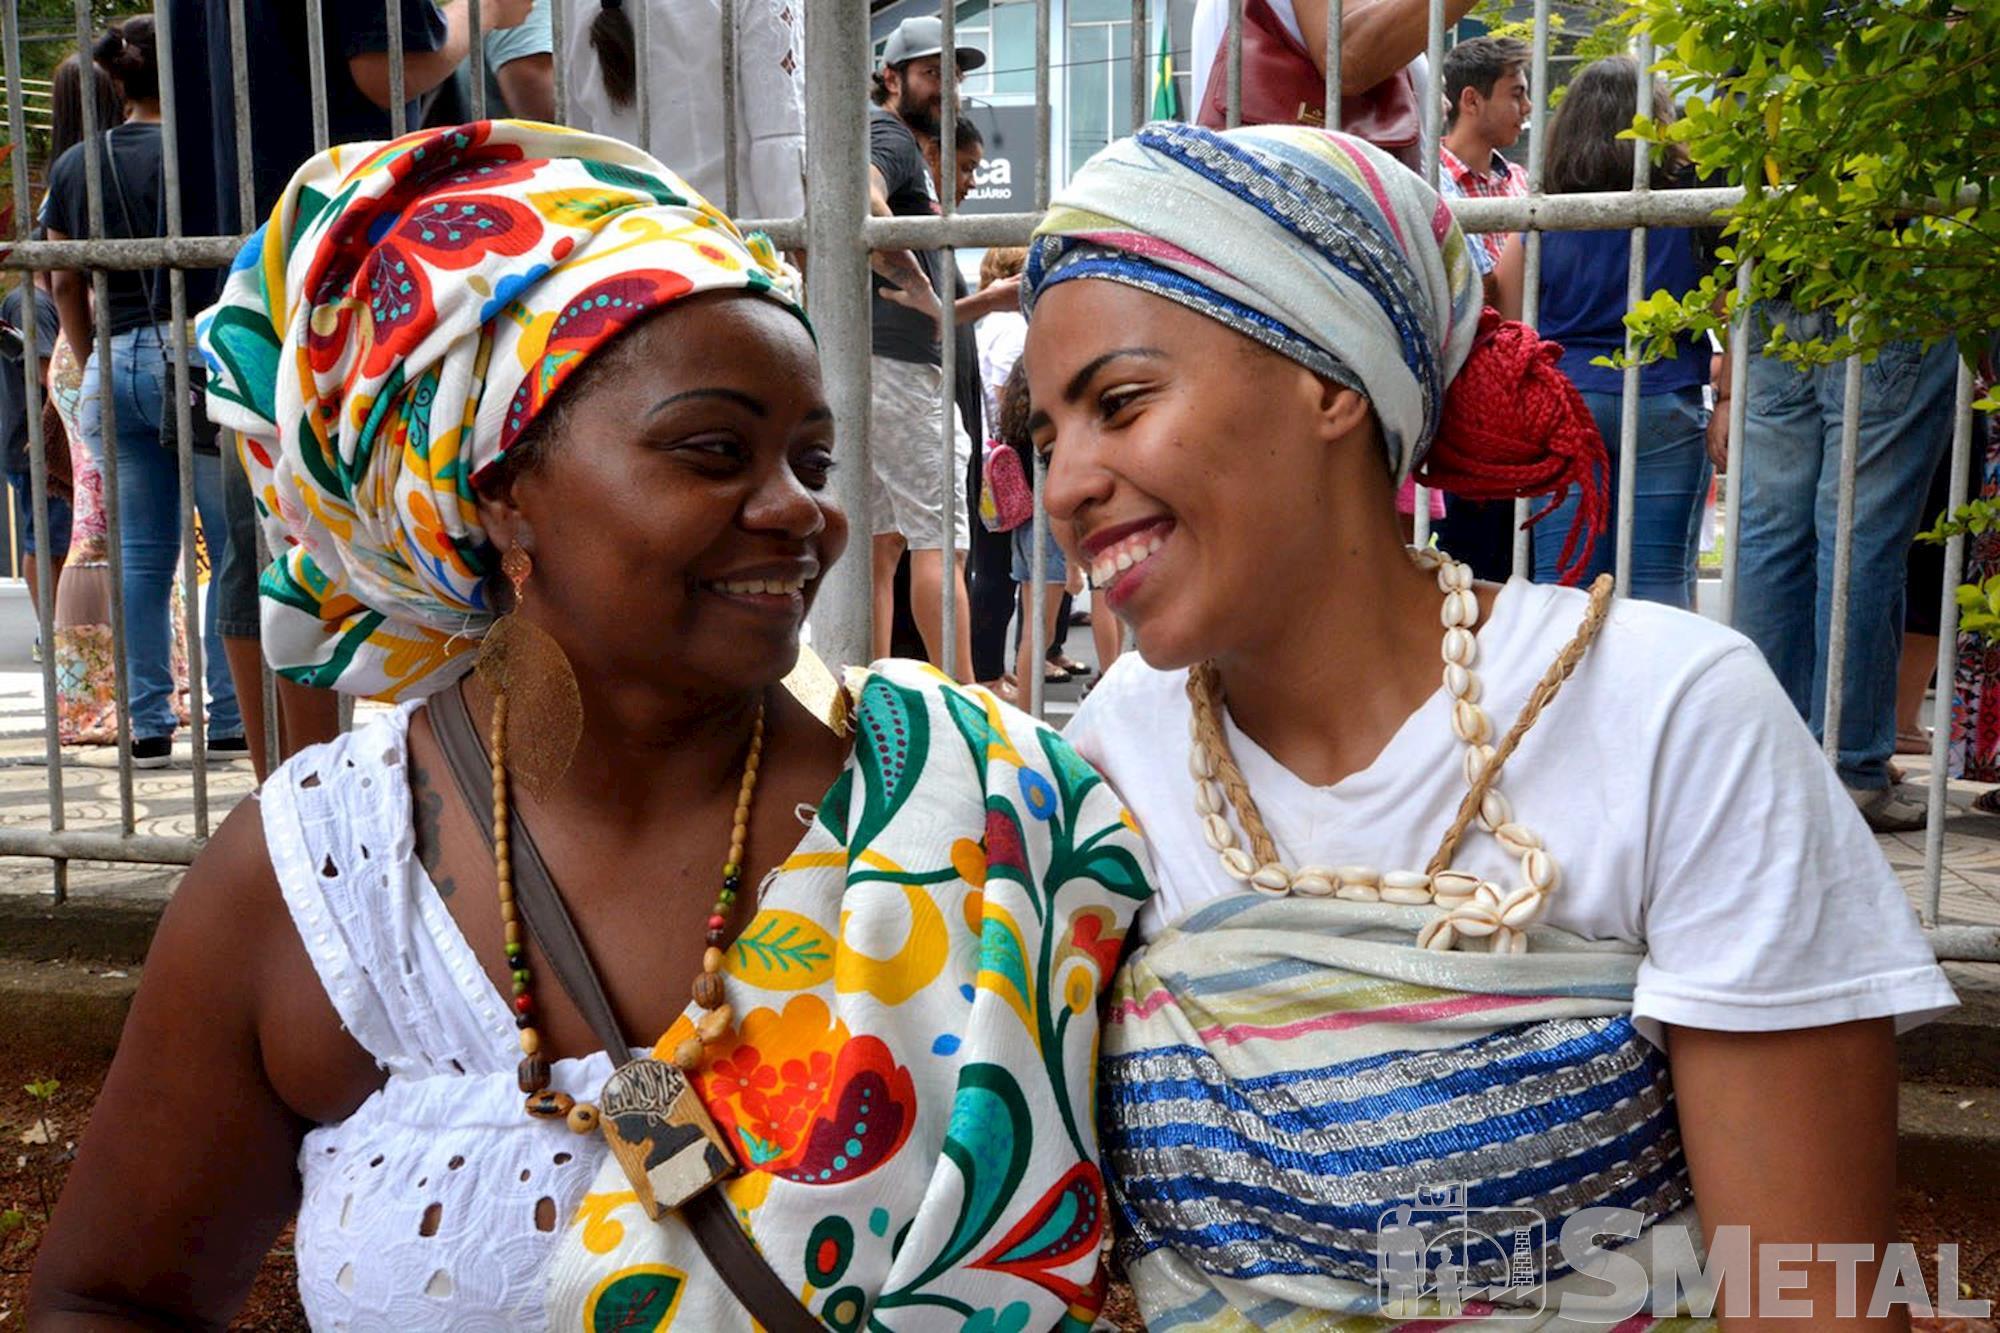 Marcha Zumbi & Dandara marca o Dia da Consciência Negra em Sorocaba